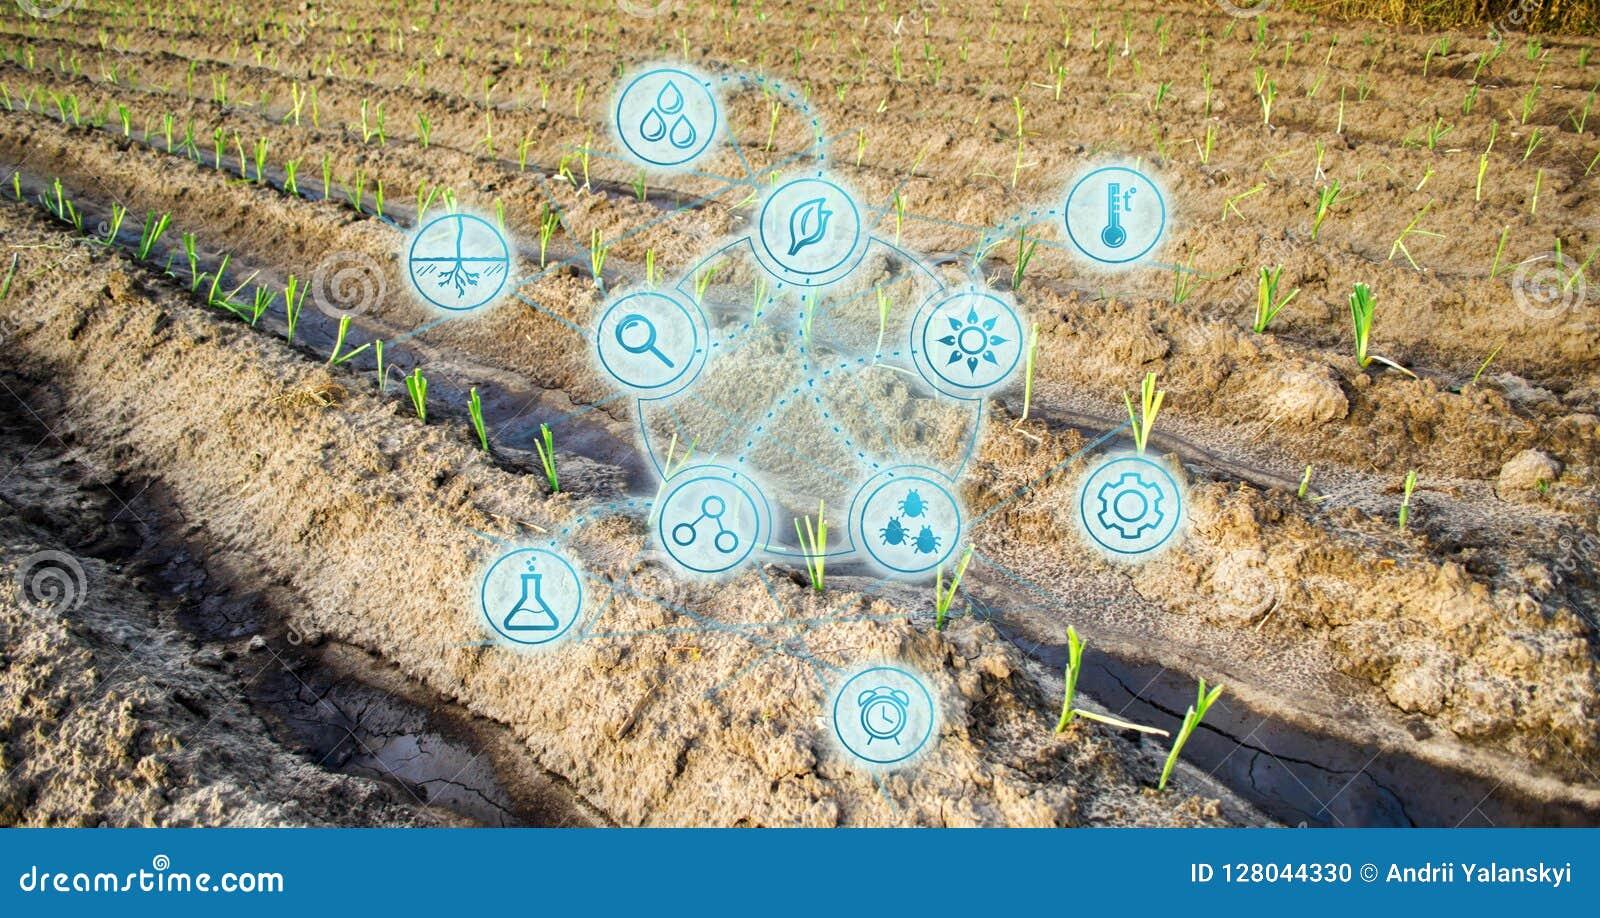 Αγροτικός τομέας του νέου λάχανου νεολαίες σποροφύτων Καινοτομίες και νέες τεχνολογίες στη γεωργική επιχείρηση Επιστημονικός